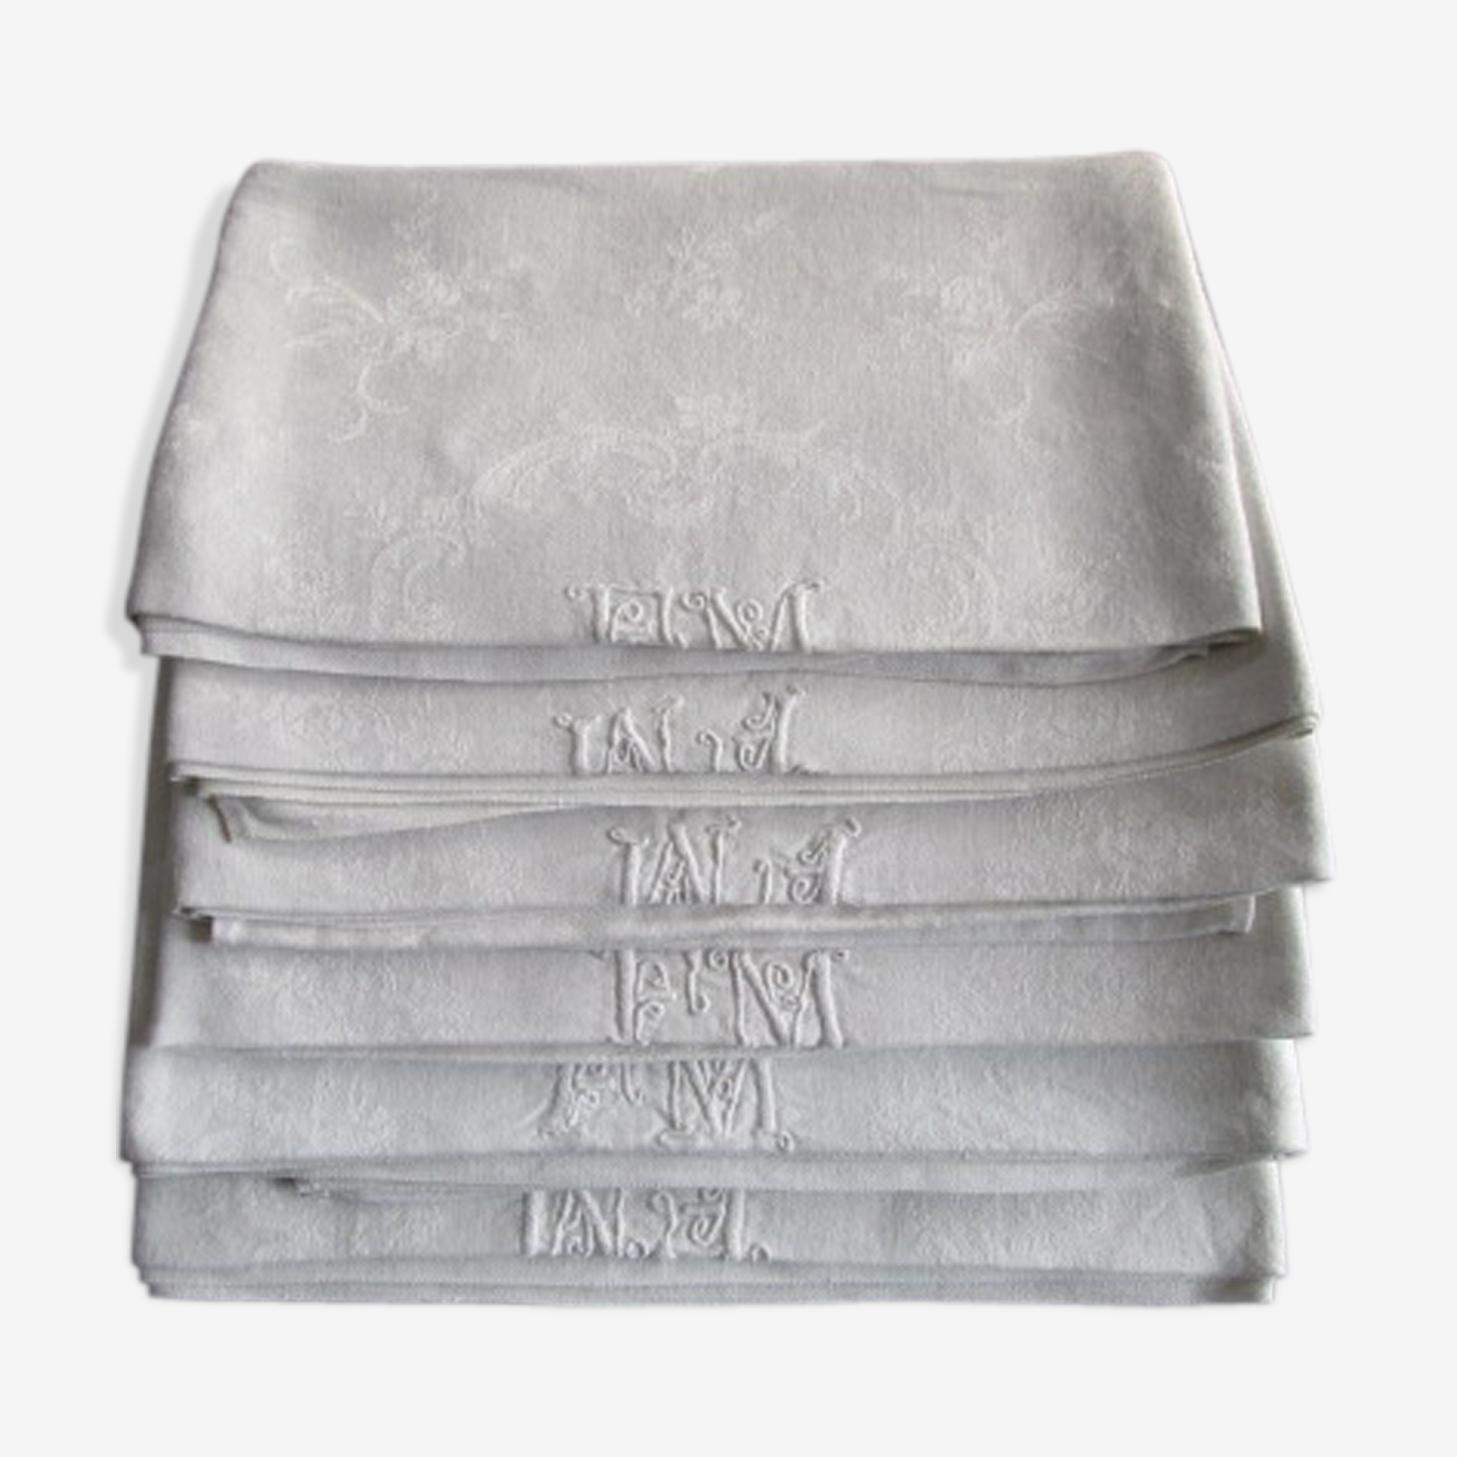 6 serviettes anciennes damassées, monogrammées